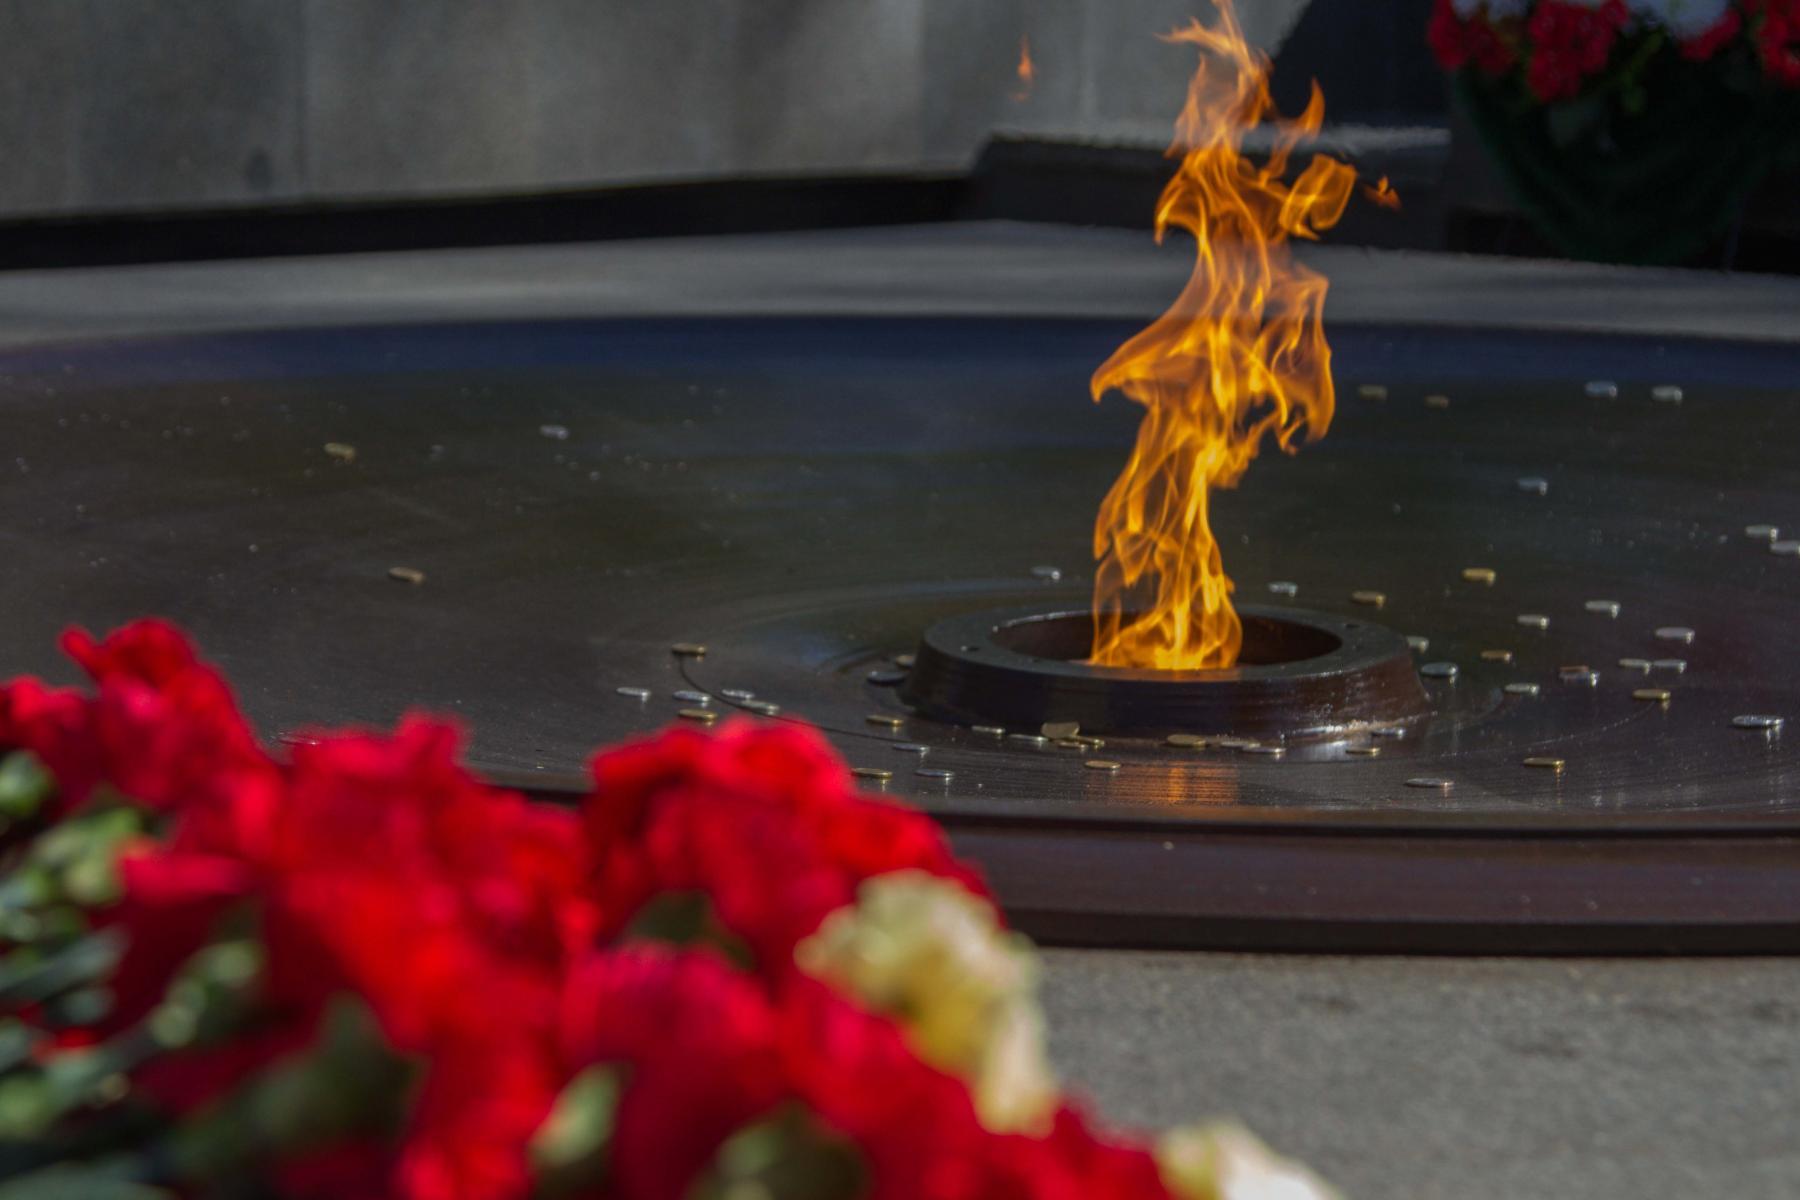 фото Общероссийская «Минута молчания»: во сколько начнётся 22 июня в Новосибирске 2